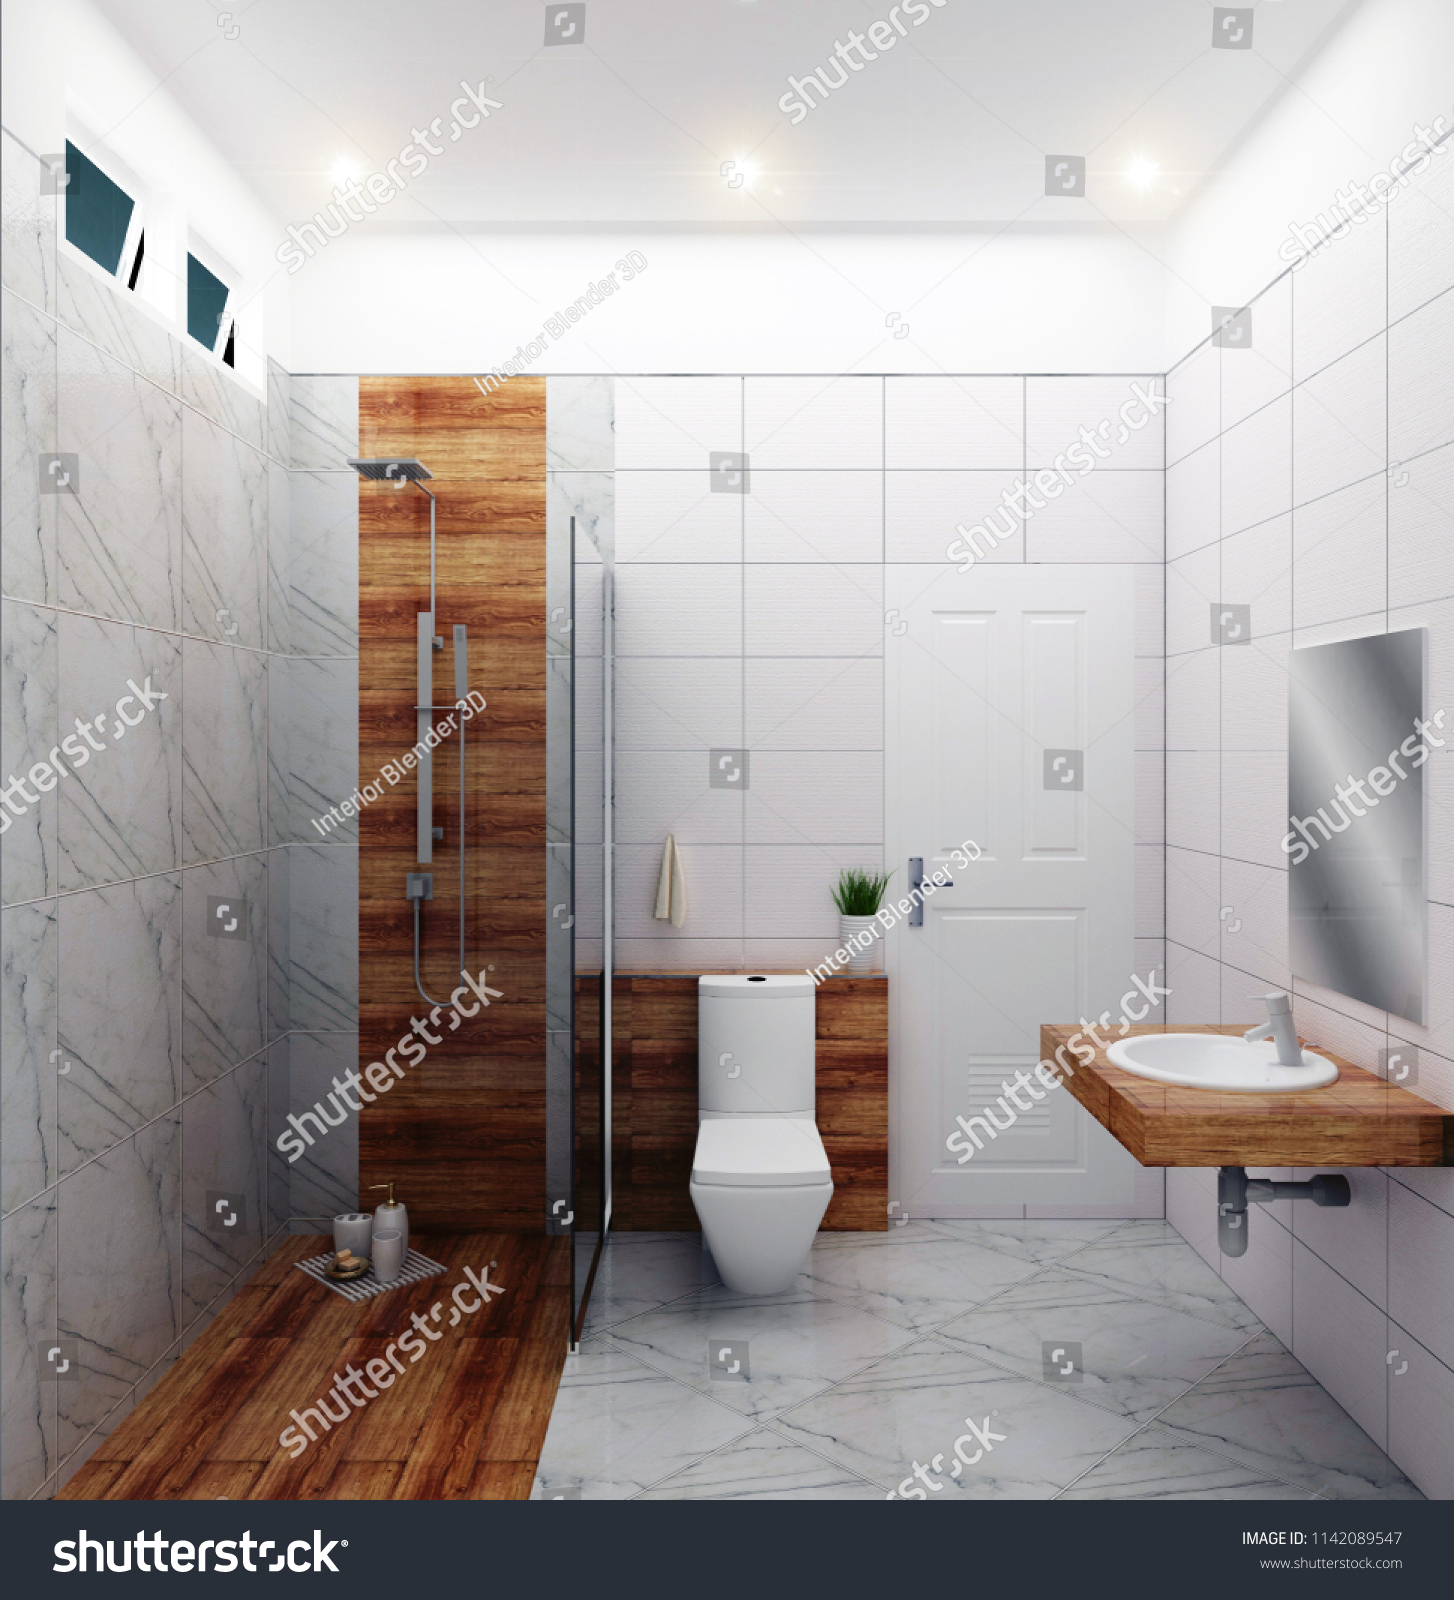 Bright Bathroom Design Tiles White Modern Stock Illustration ...